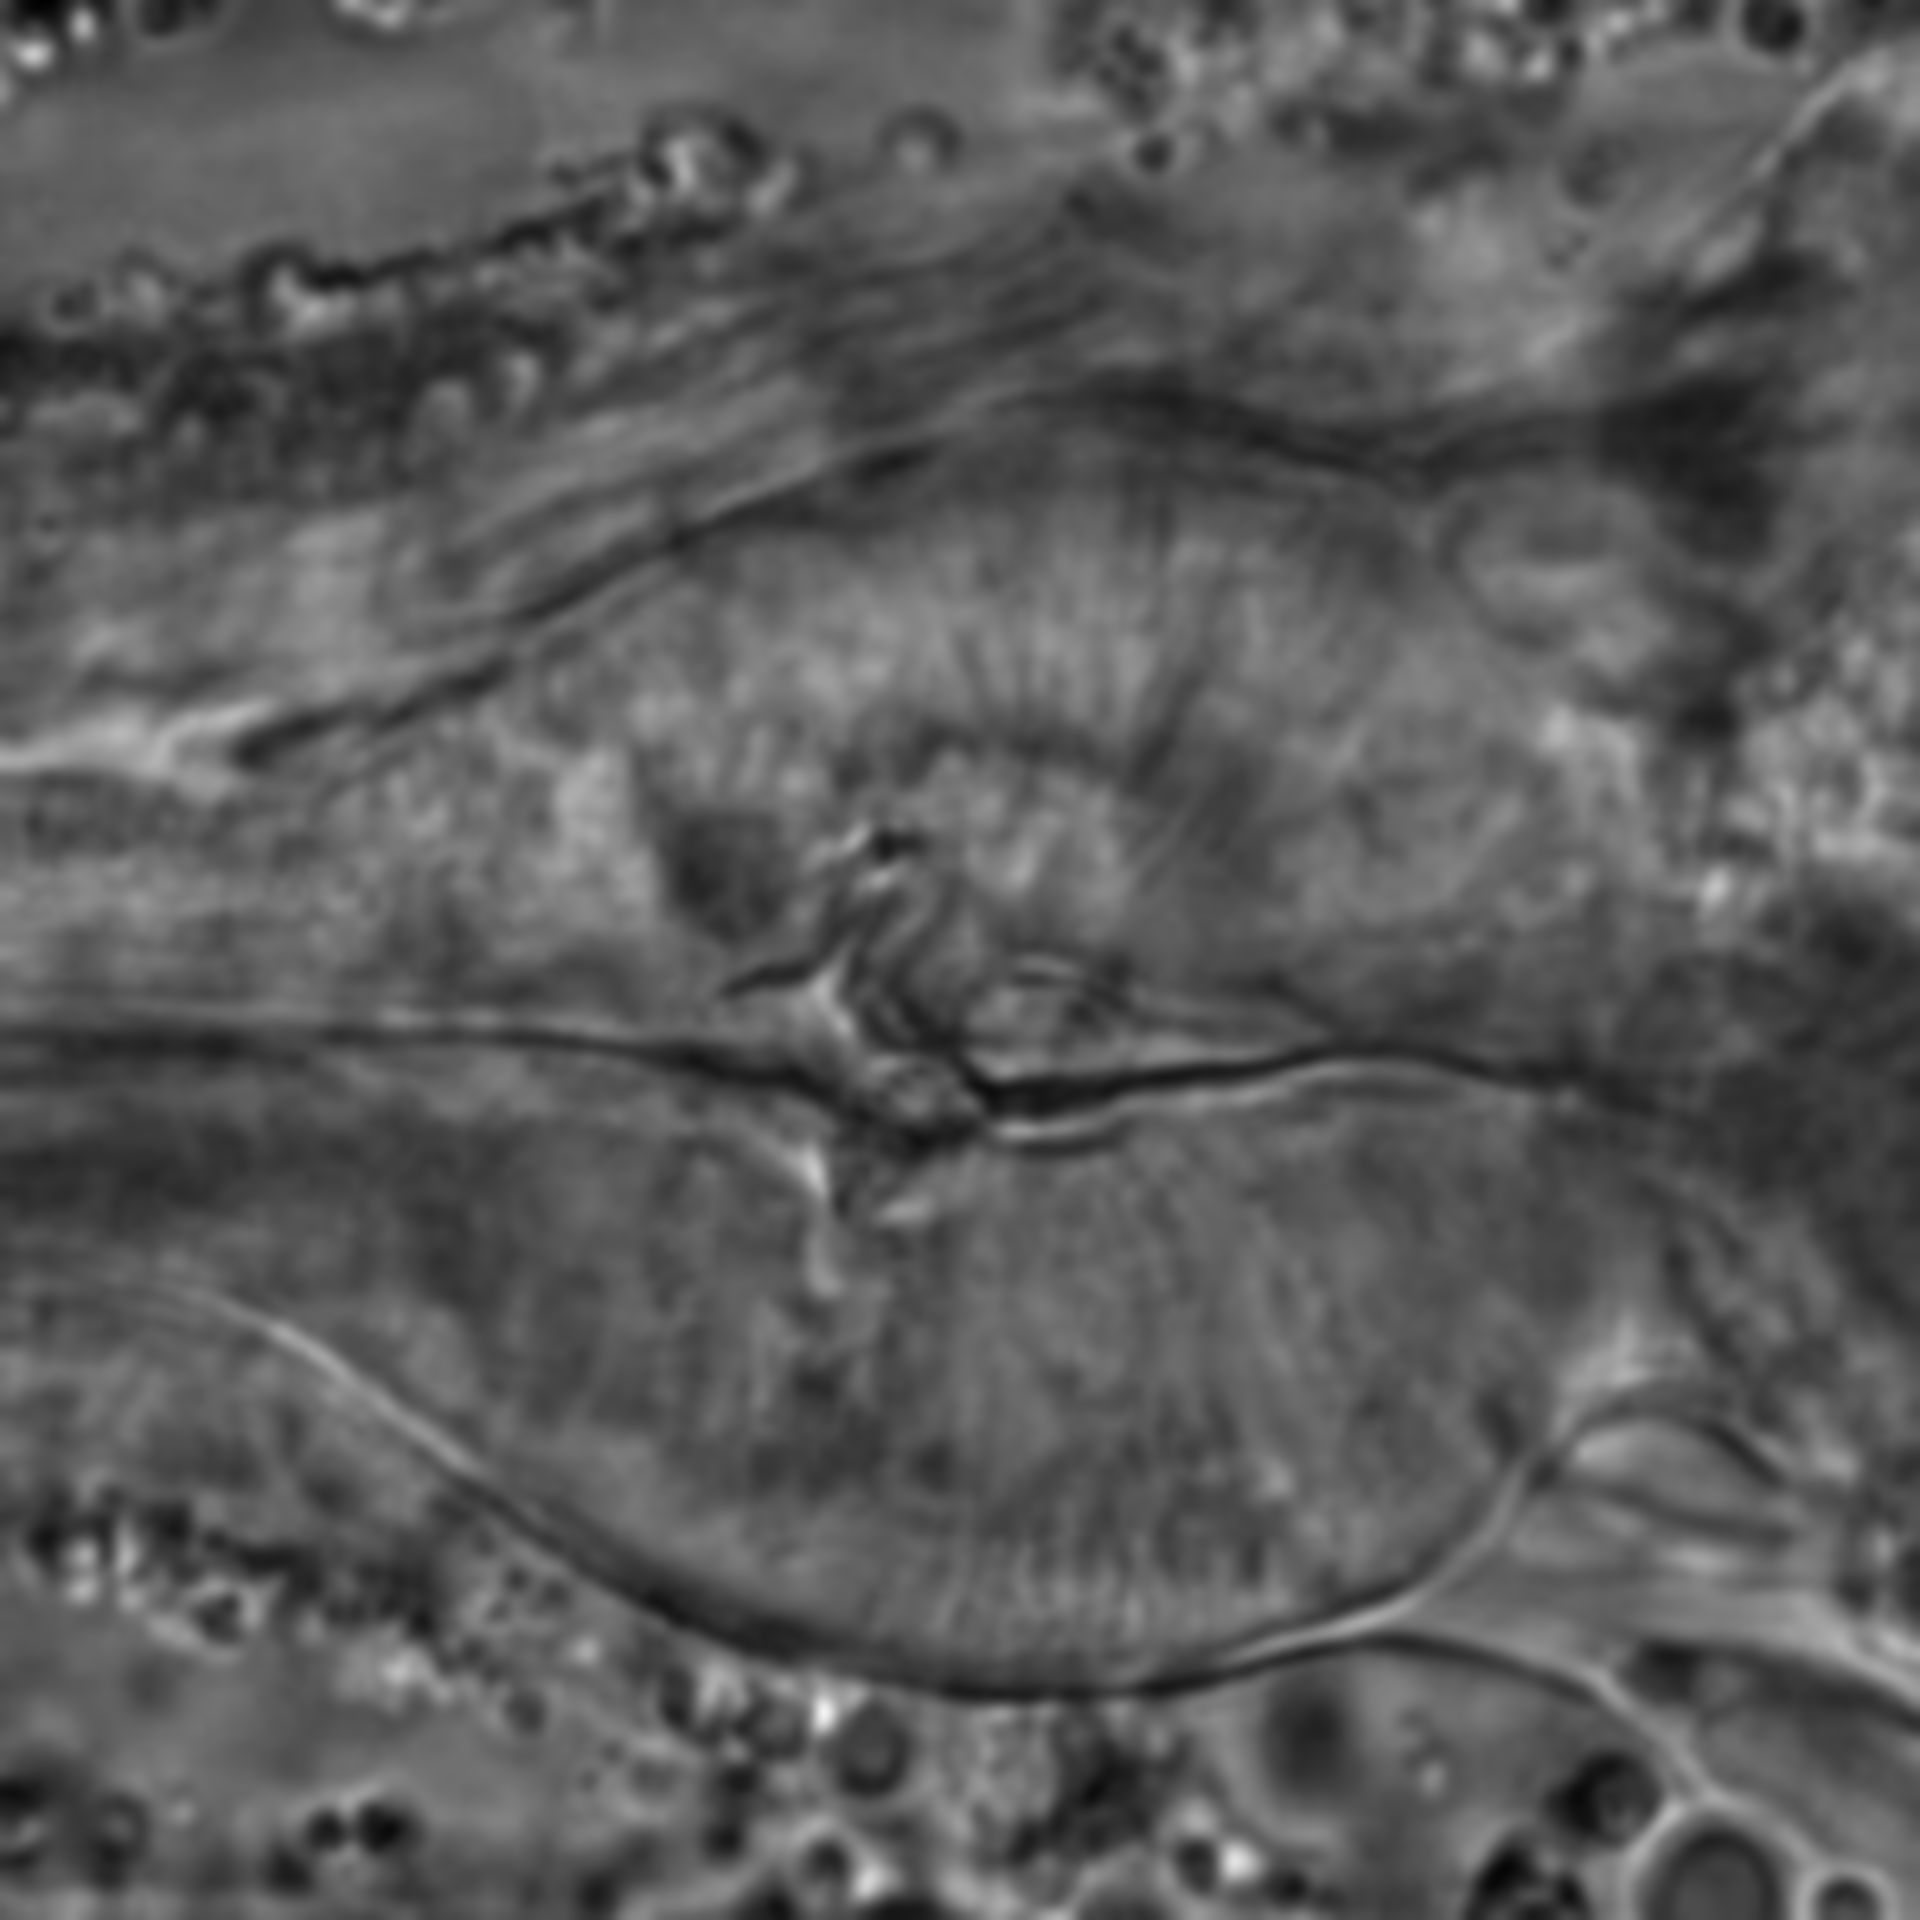 Caenorhabditis elegans - CIL:1725